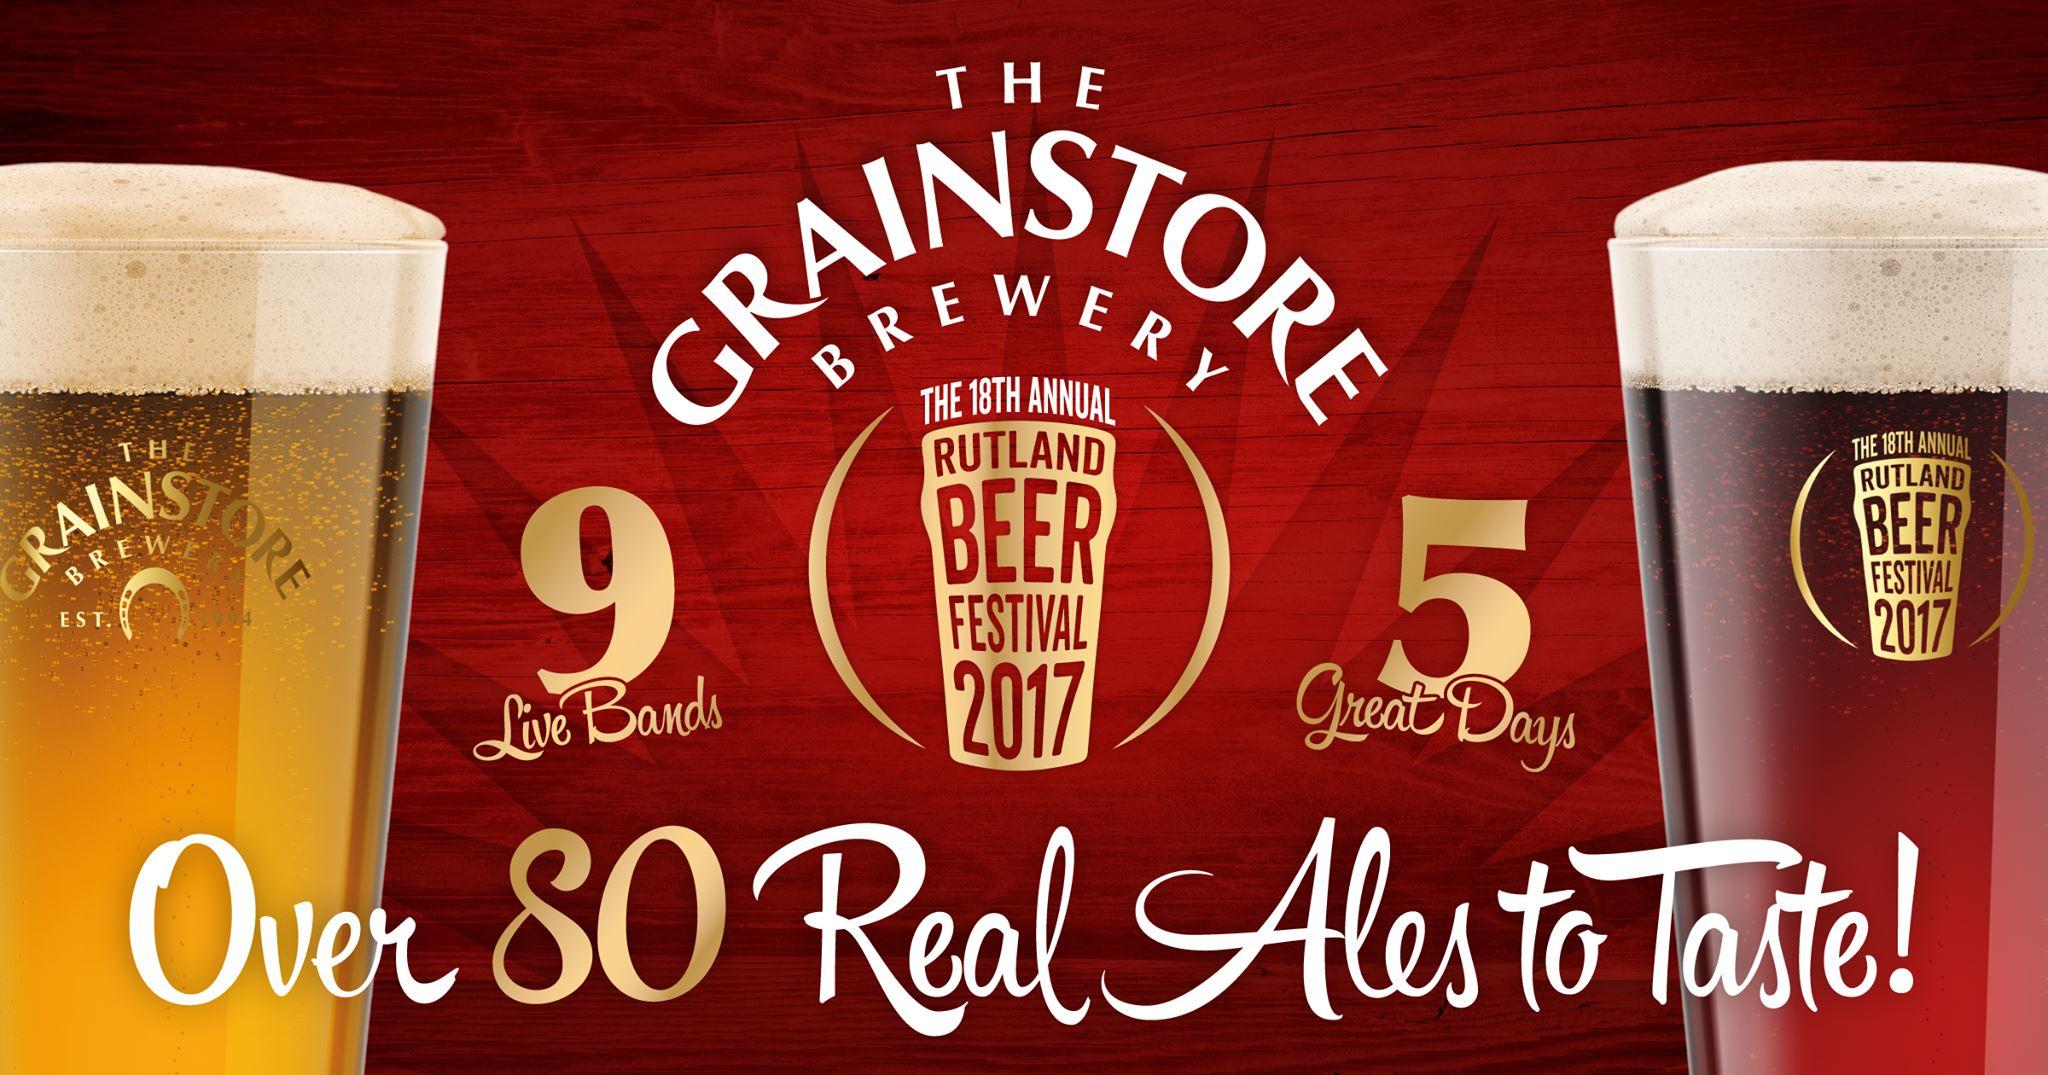 grainstore-beer-festival-2017.jpg